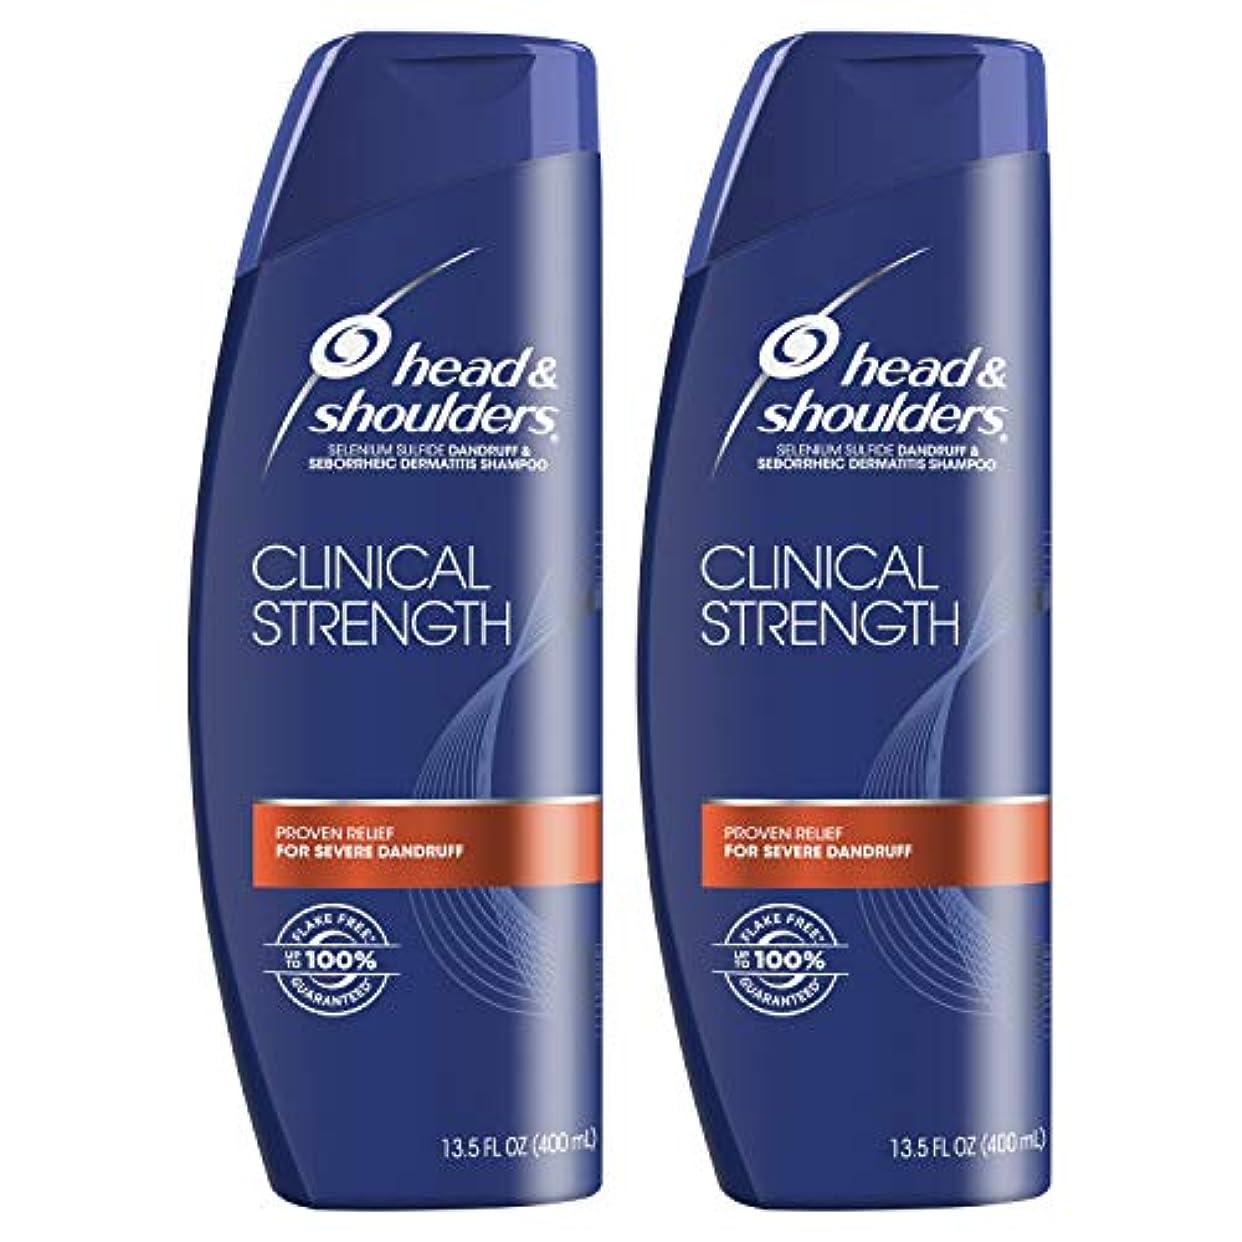 ストロークリー長さHead and Shoulders Clinical Strength Dandruff and Seborrheic Dermatitisシャンプー、13.5 FL OZ